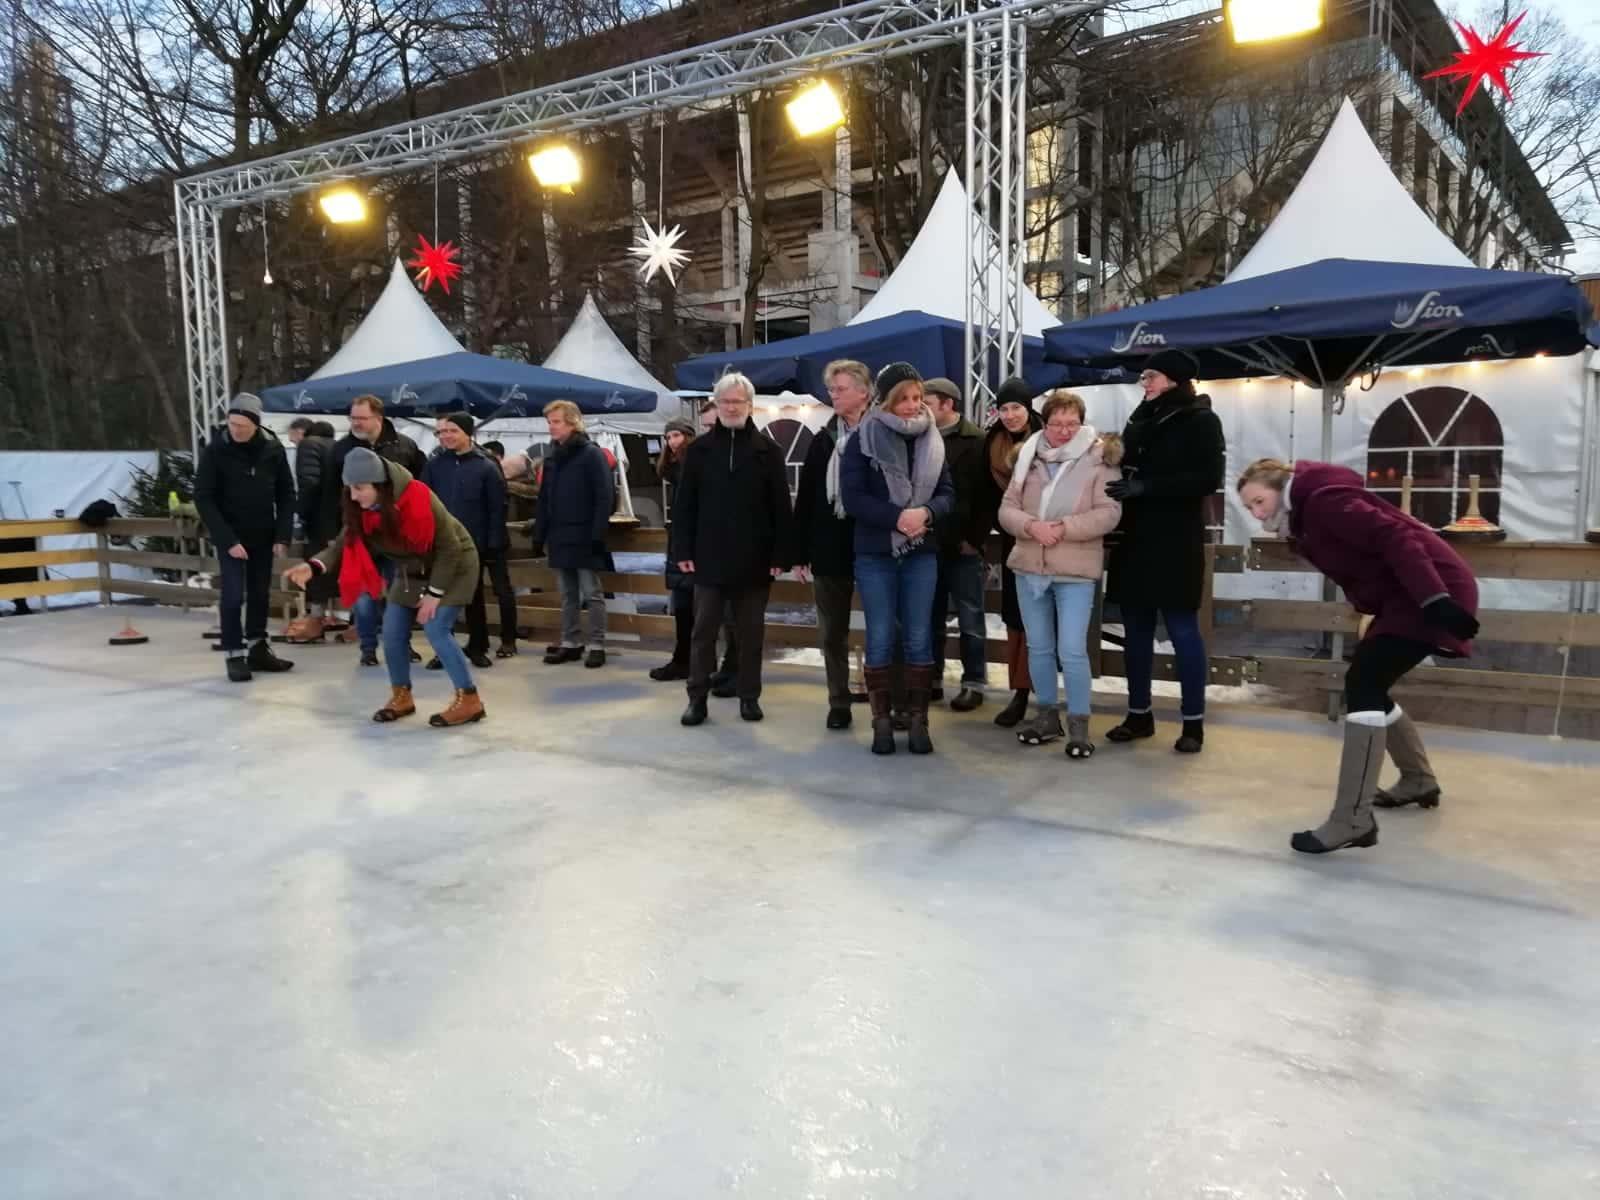 Eisstockschießen Köln